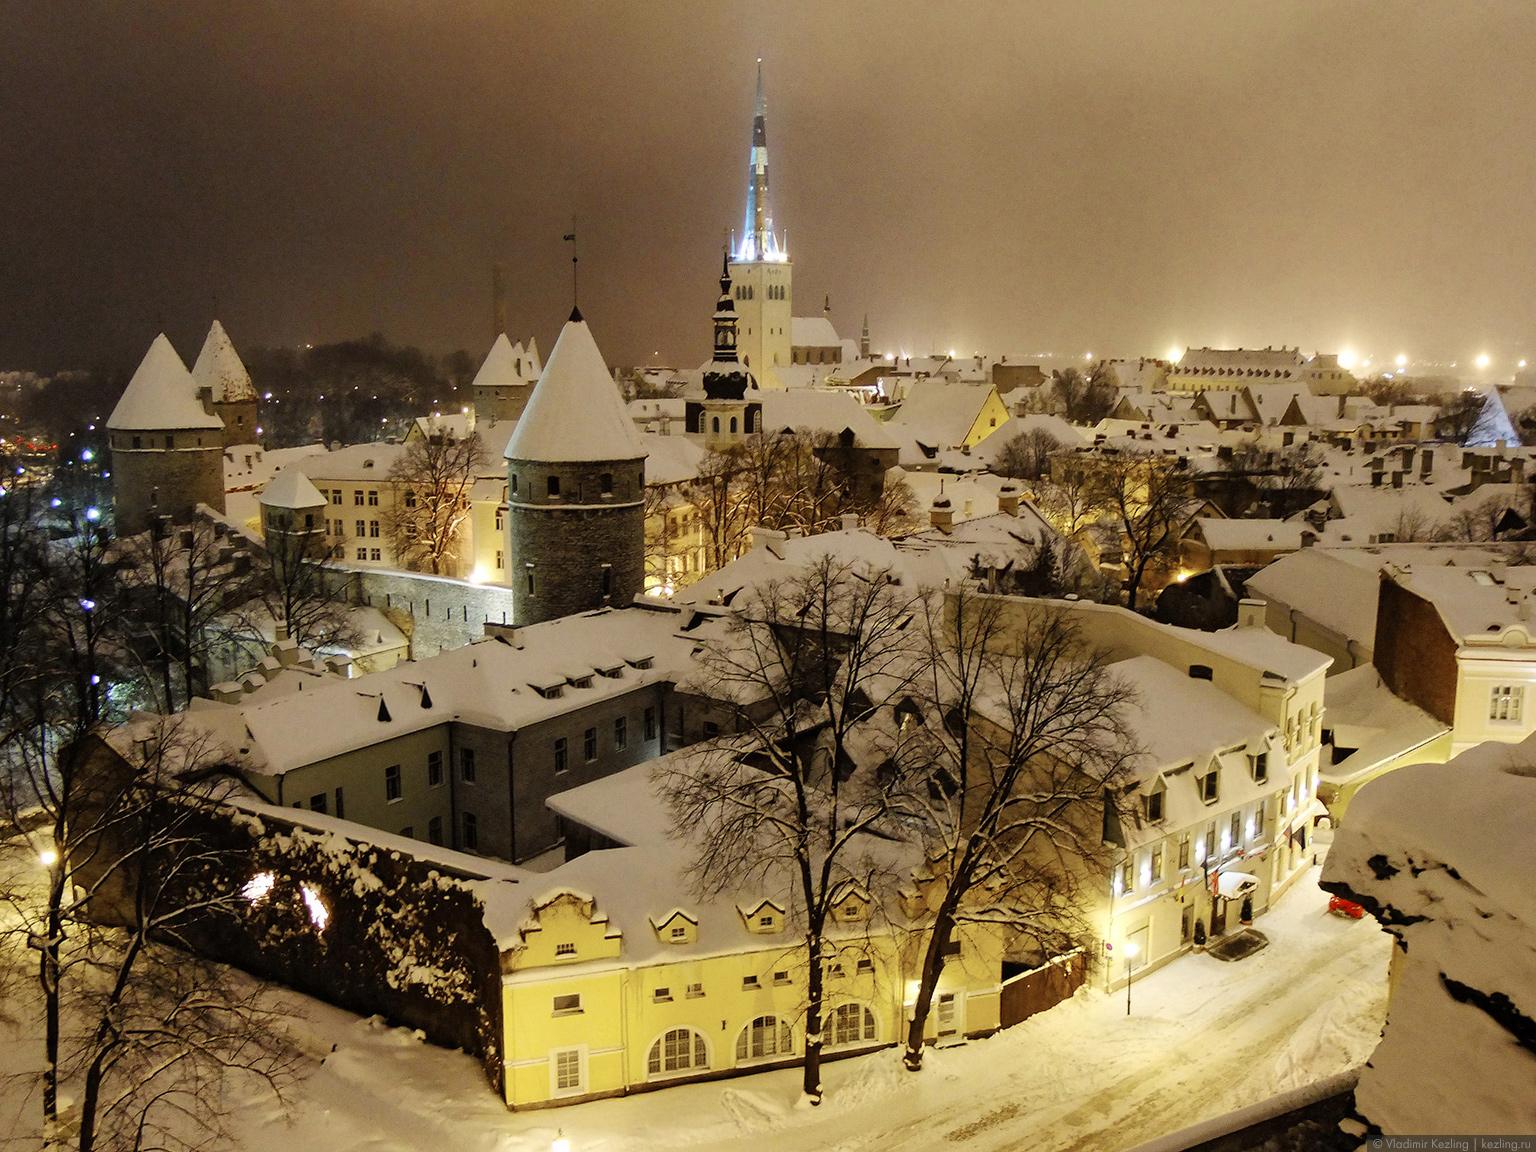 Новогодняя повесть. Ночь. Улица. Фонарь. Таллин